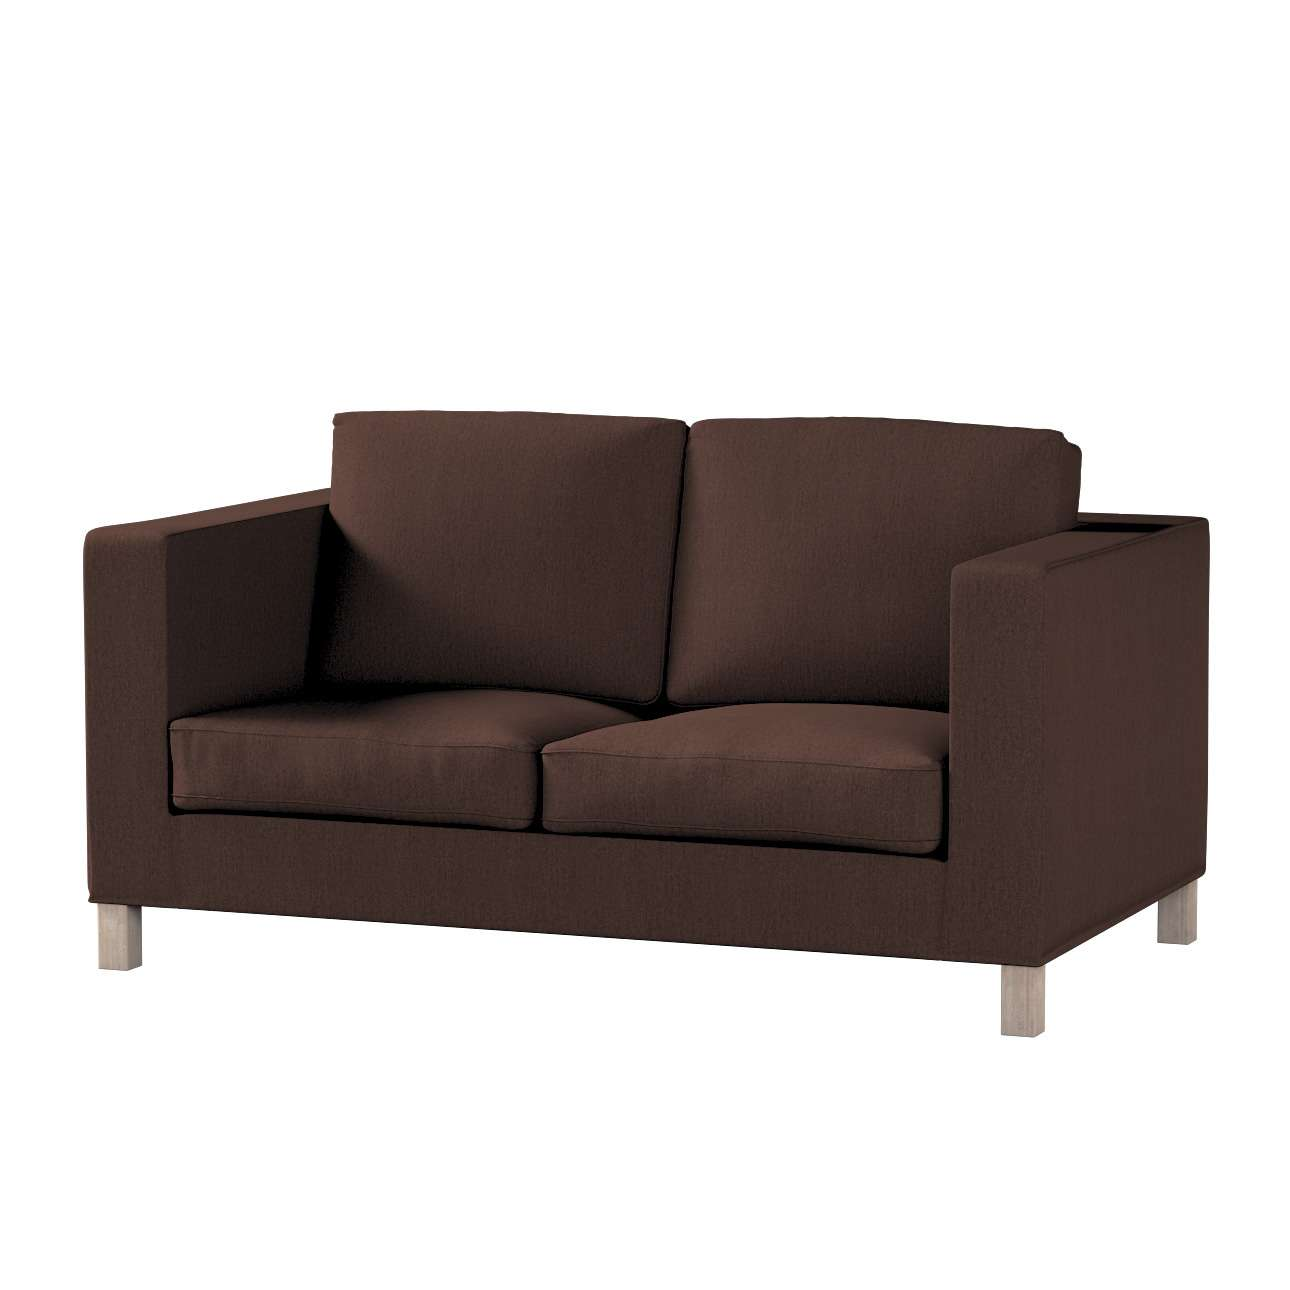 Bezug für Karlanda 2-Sitzer Sofa nicht ausklappbar, kurz von der Kollektion Chenille , Stoff: 702-18